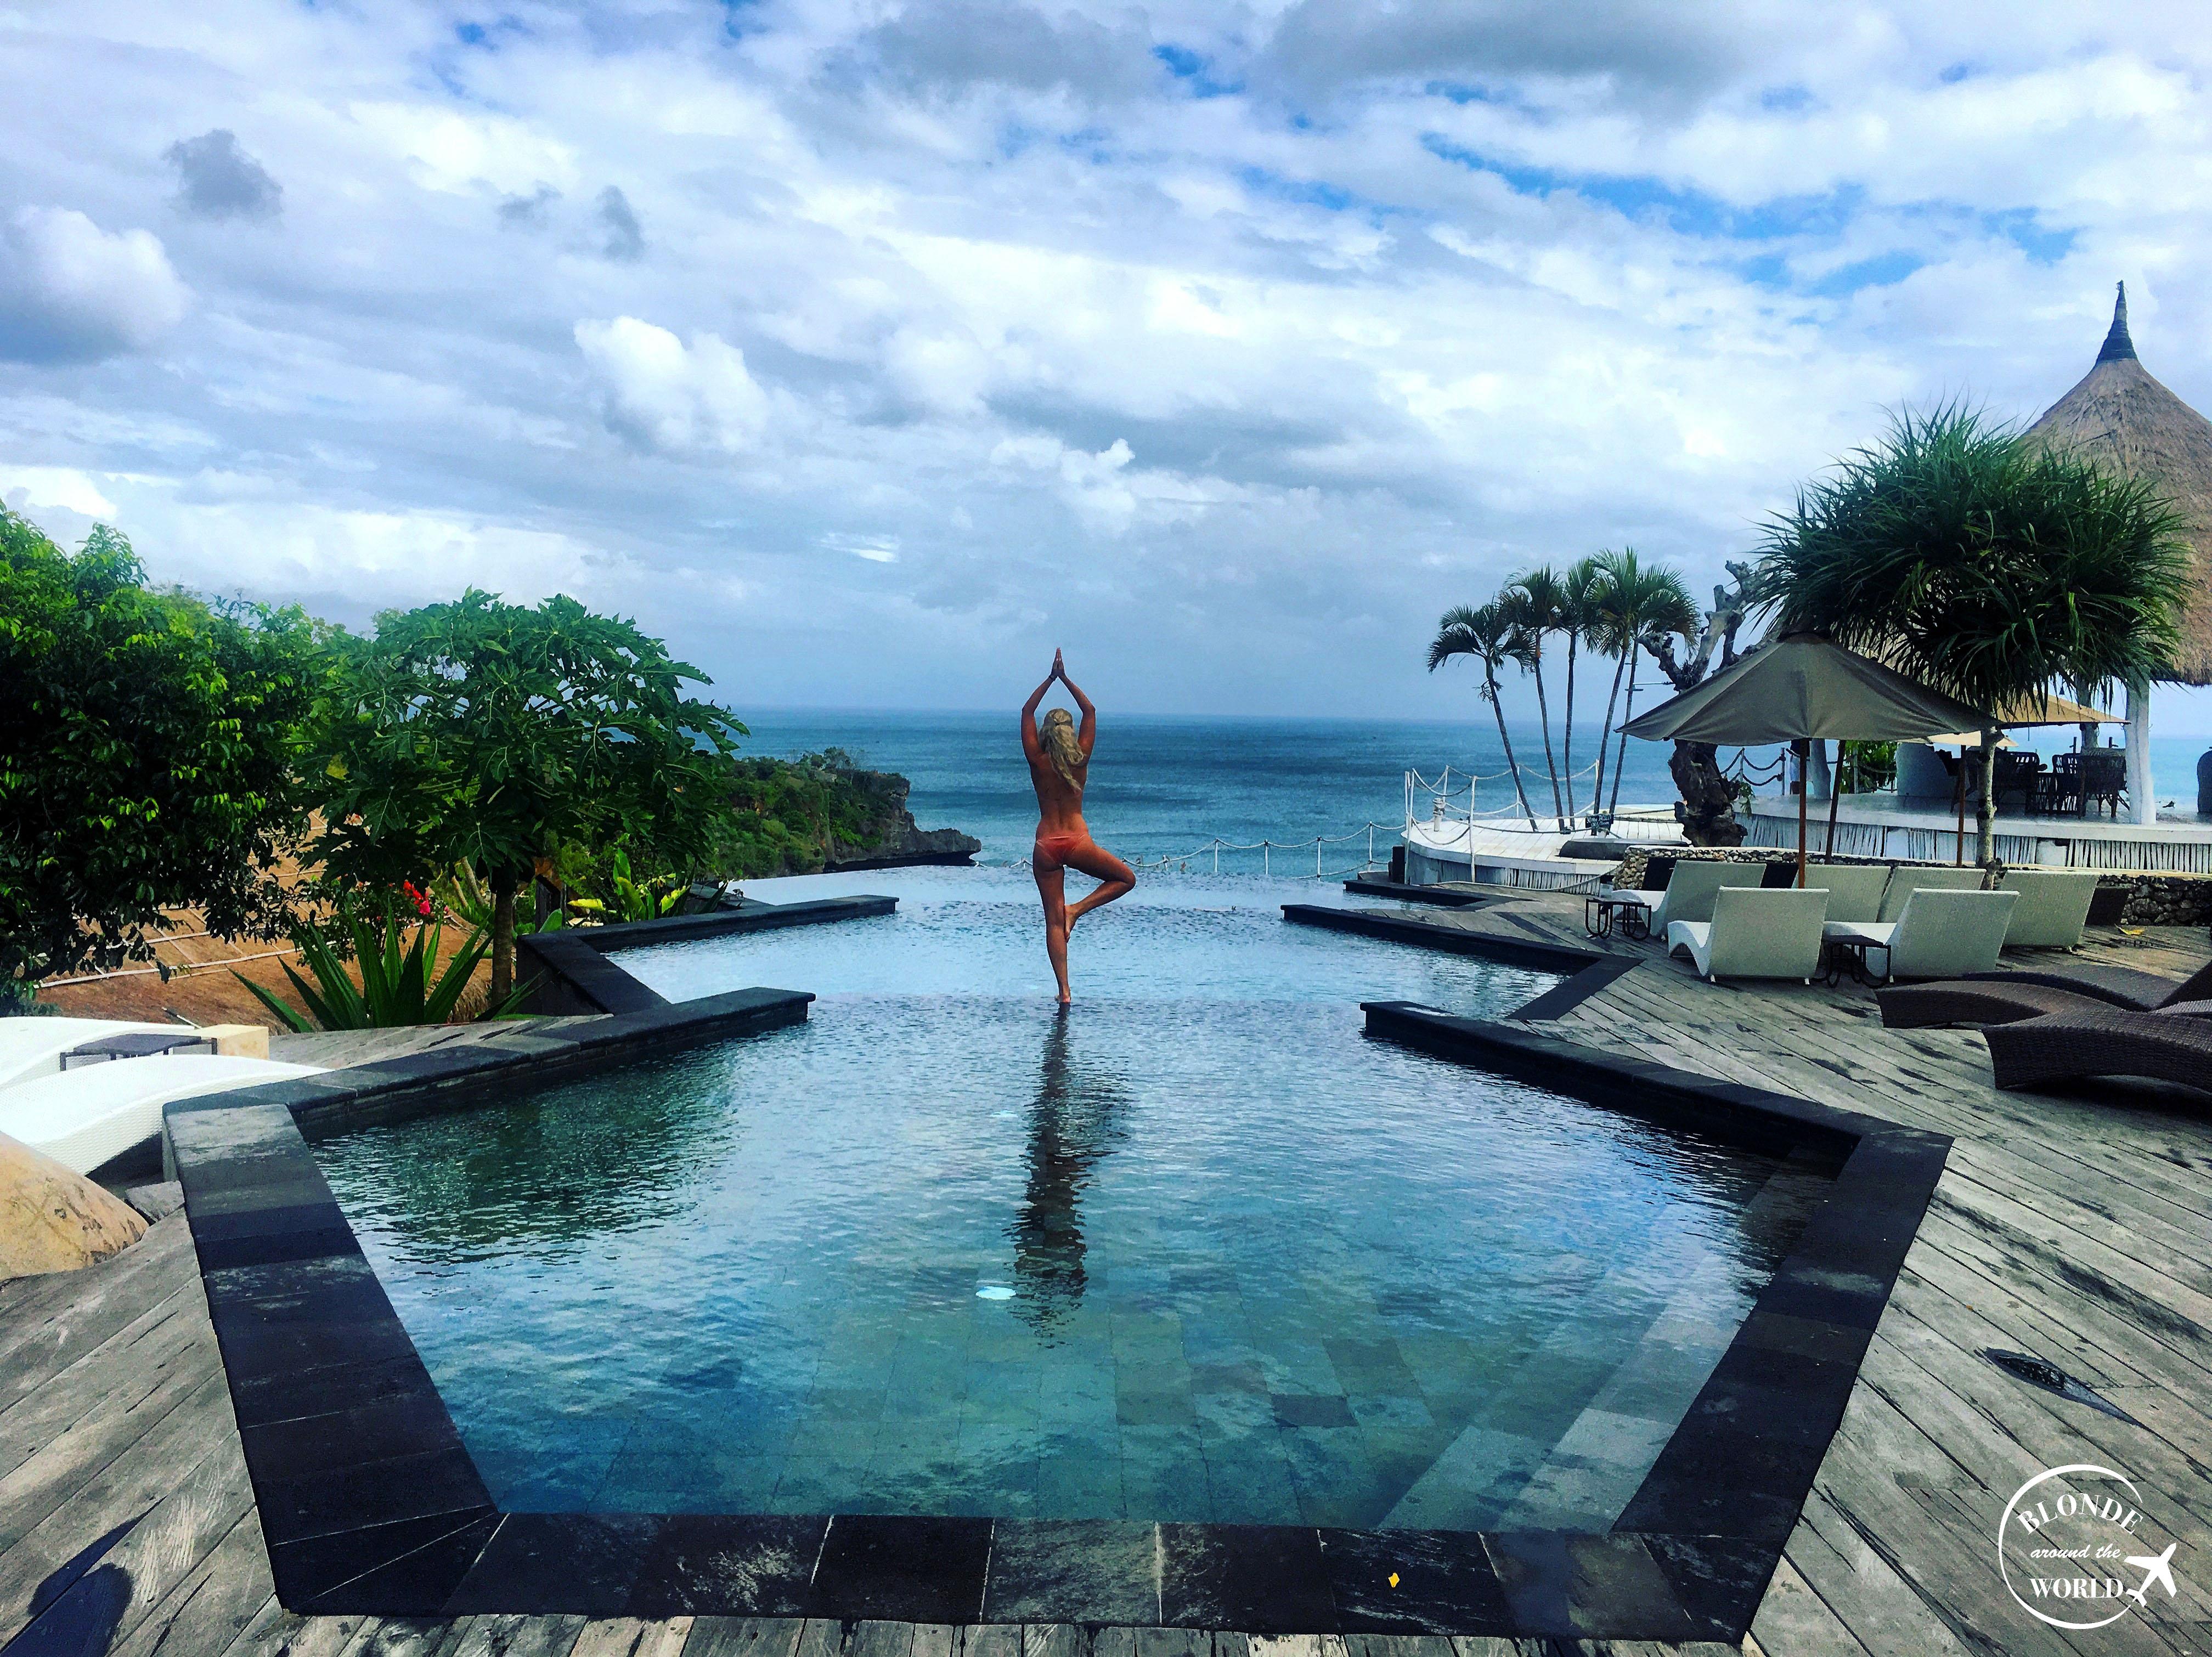 Bali-Yoga-Lesson.jpg